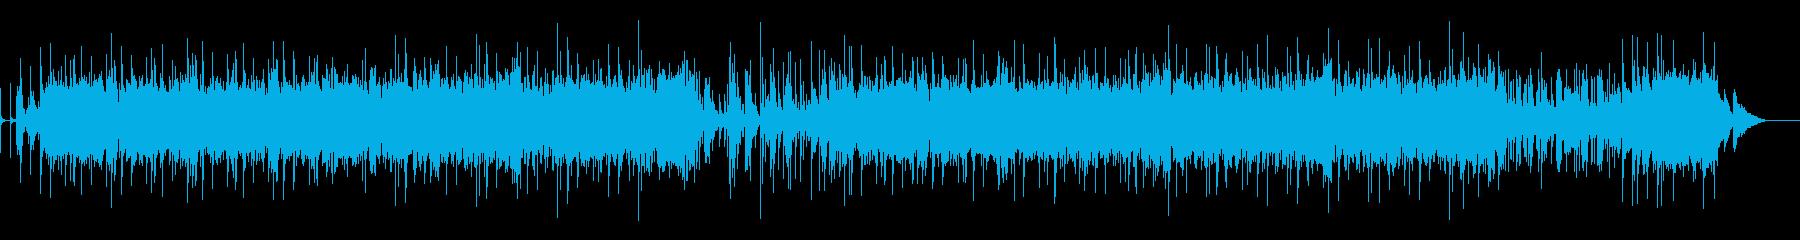 即興サックスが鳴り響くシンプルファンク!の再生済みの波形